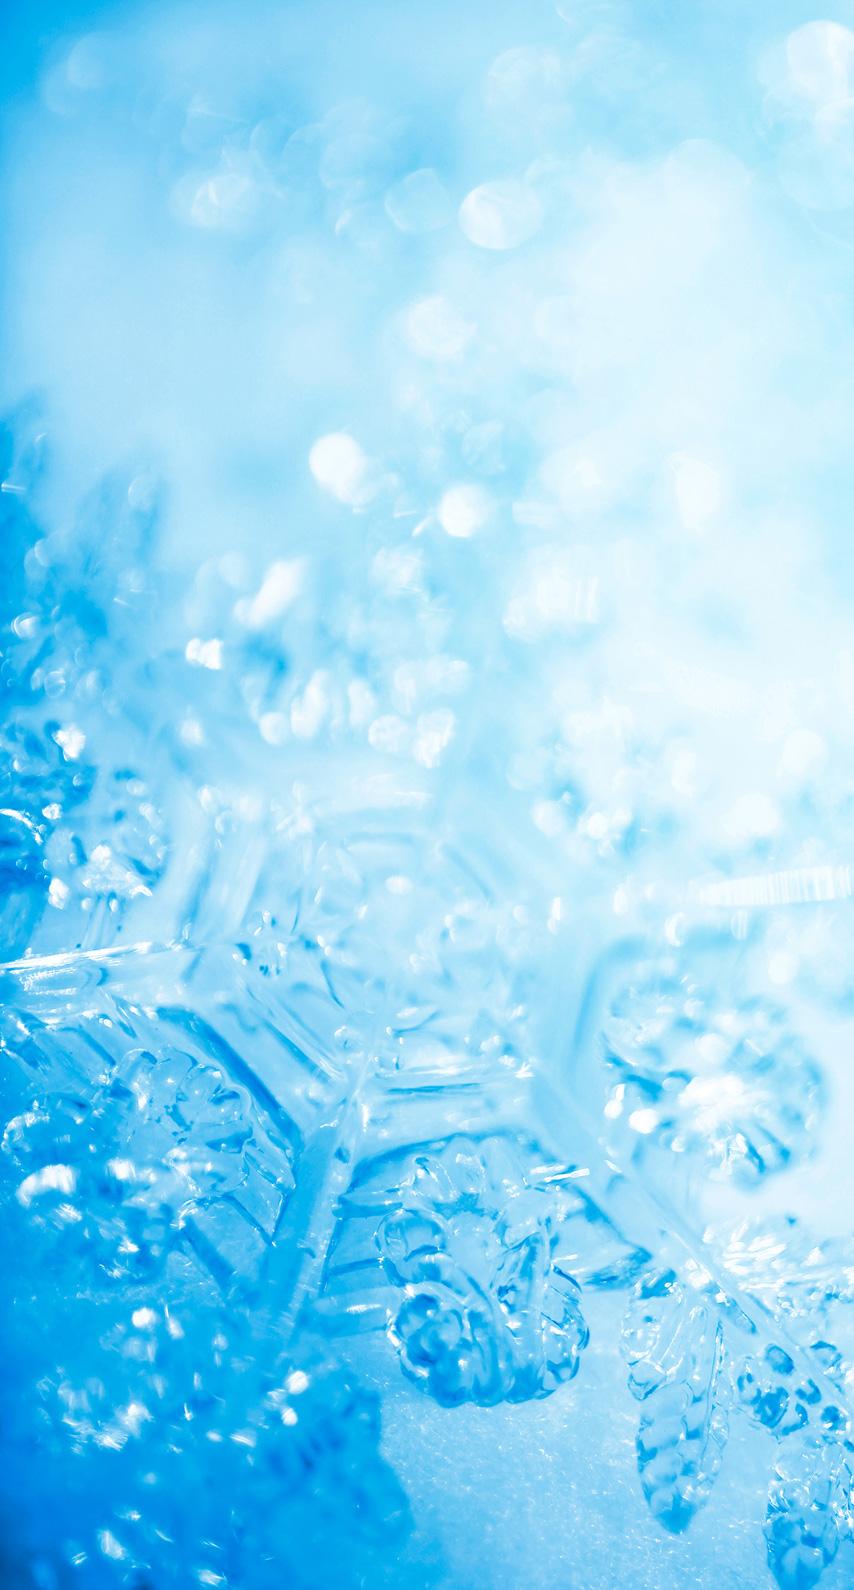 snow, snowflake, bright, ice, frost, bubble, desktop, shining, glisten, sparkling